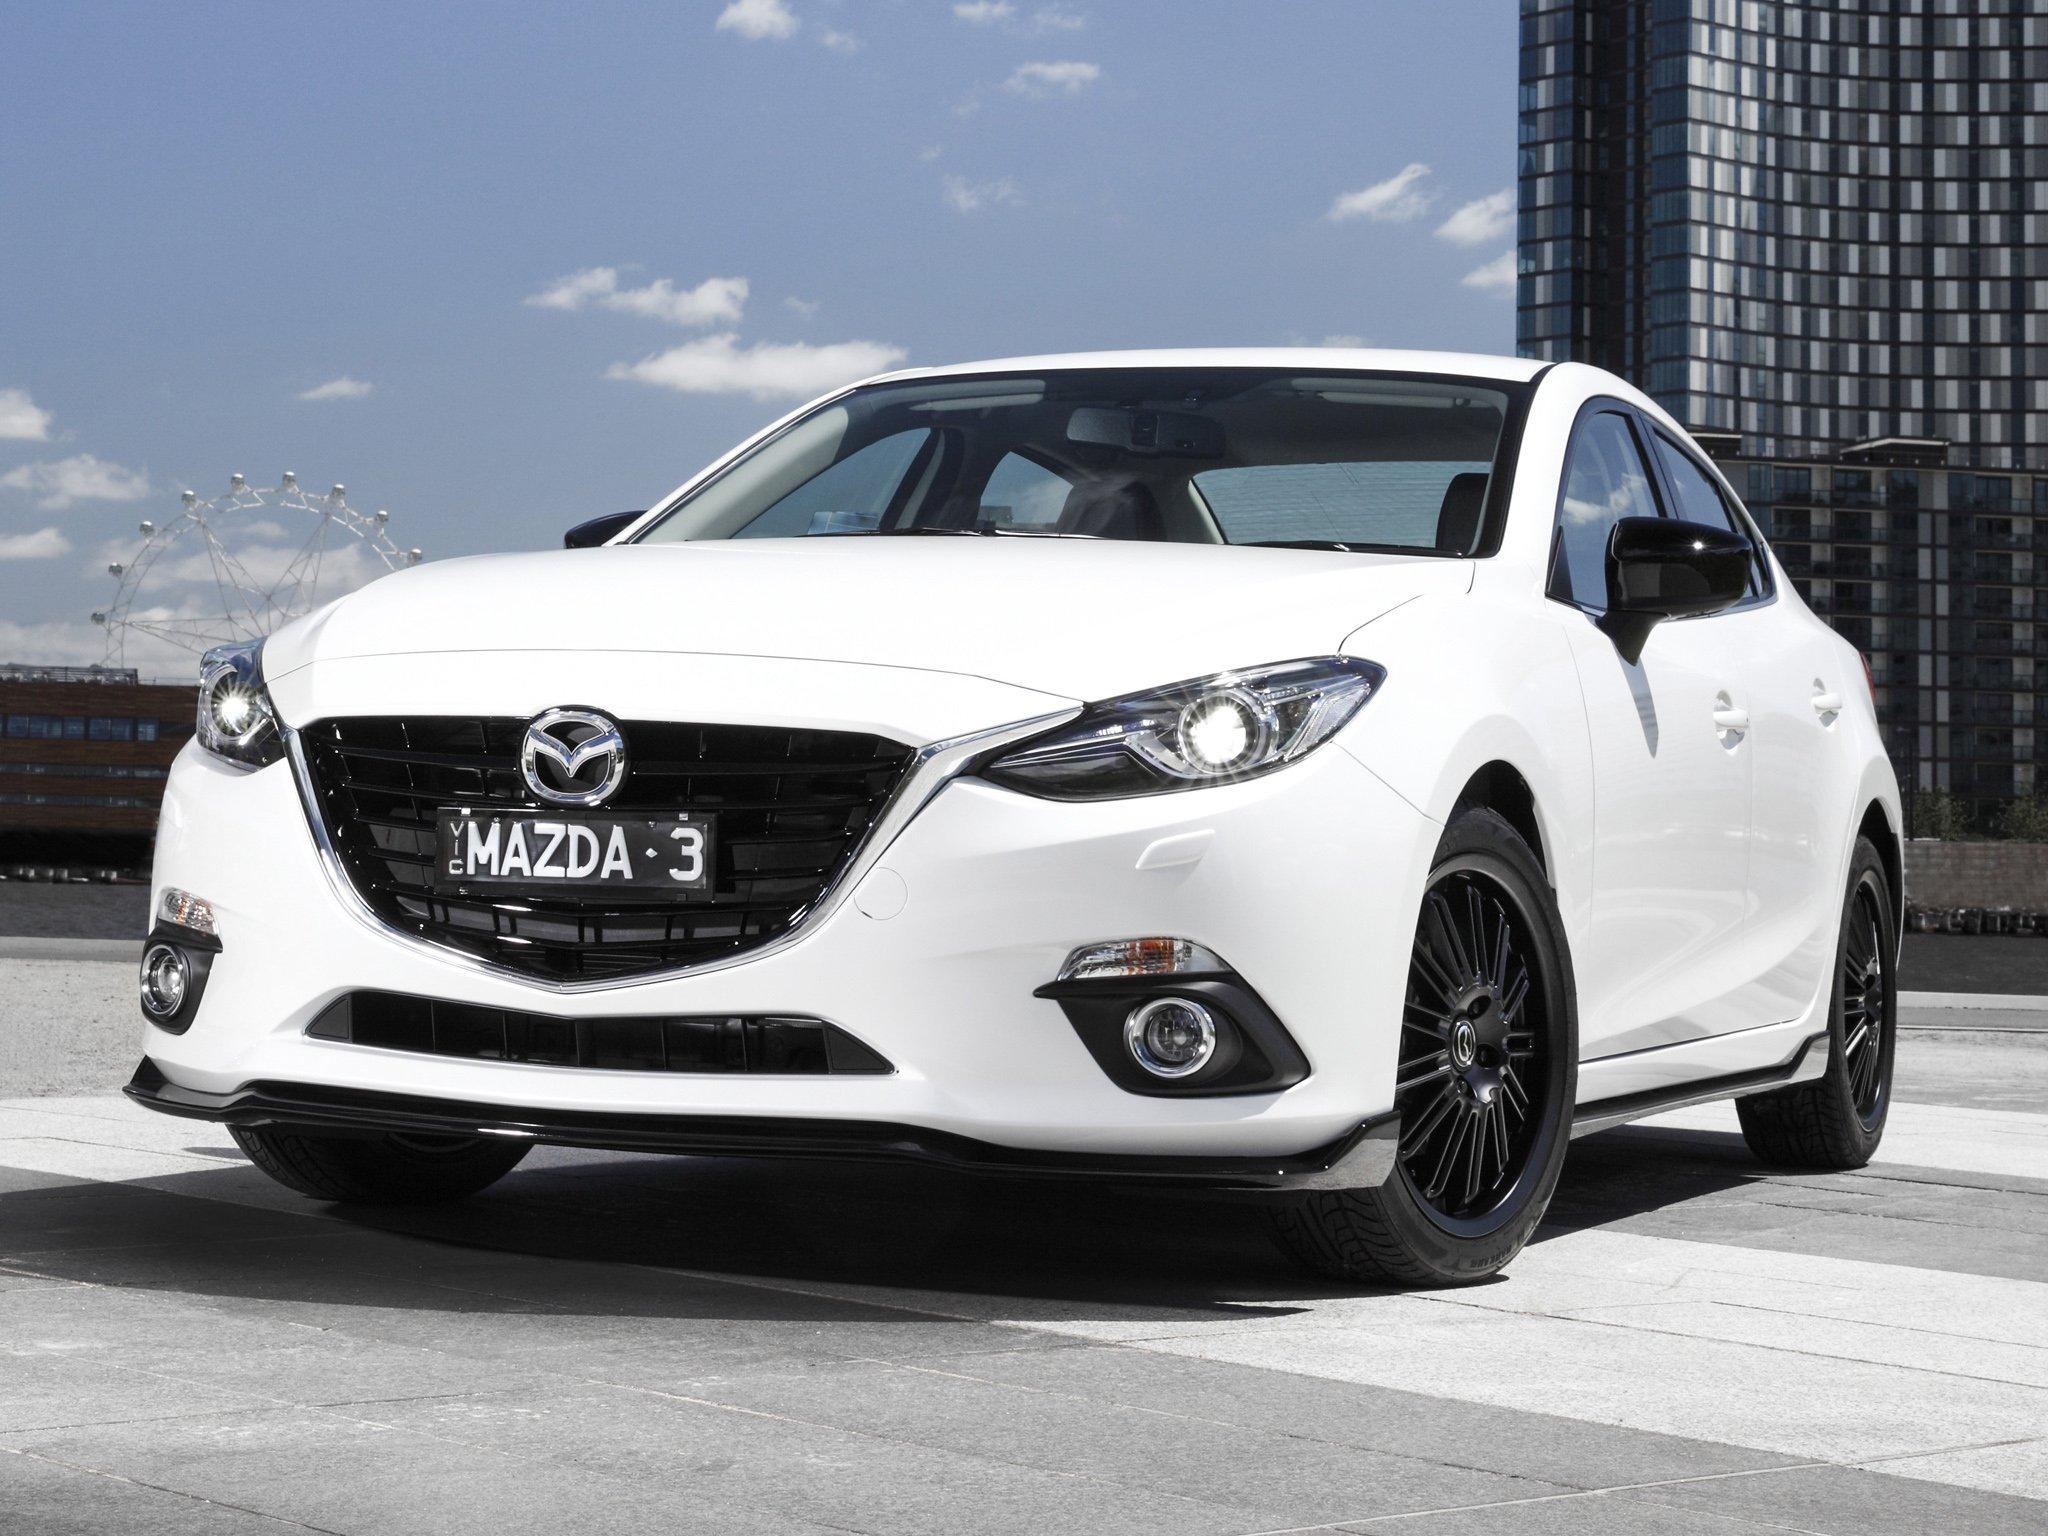 2014 Mazda 3 Sedan Kuroi (B-M) m wallpaper | 2048x1536 ...2014 Mazda 3 White